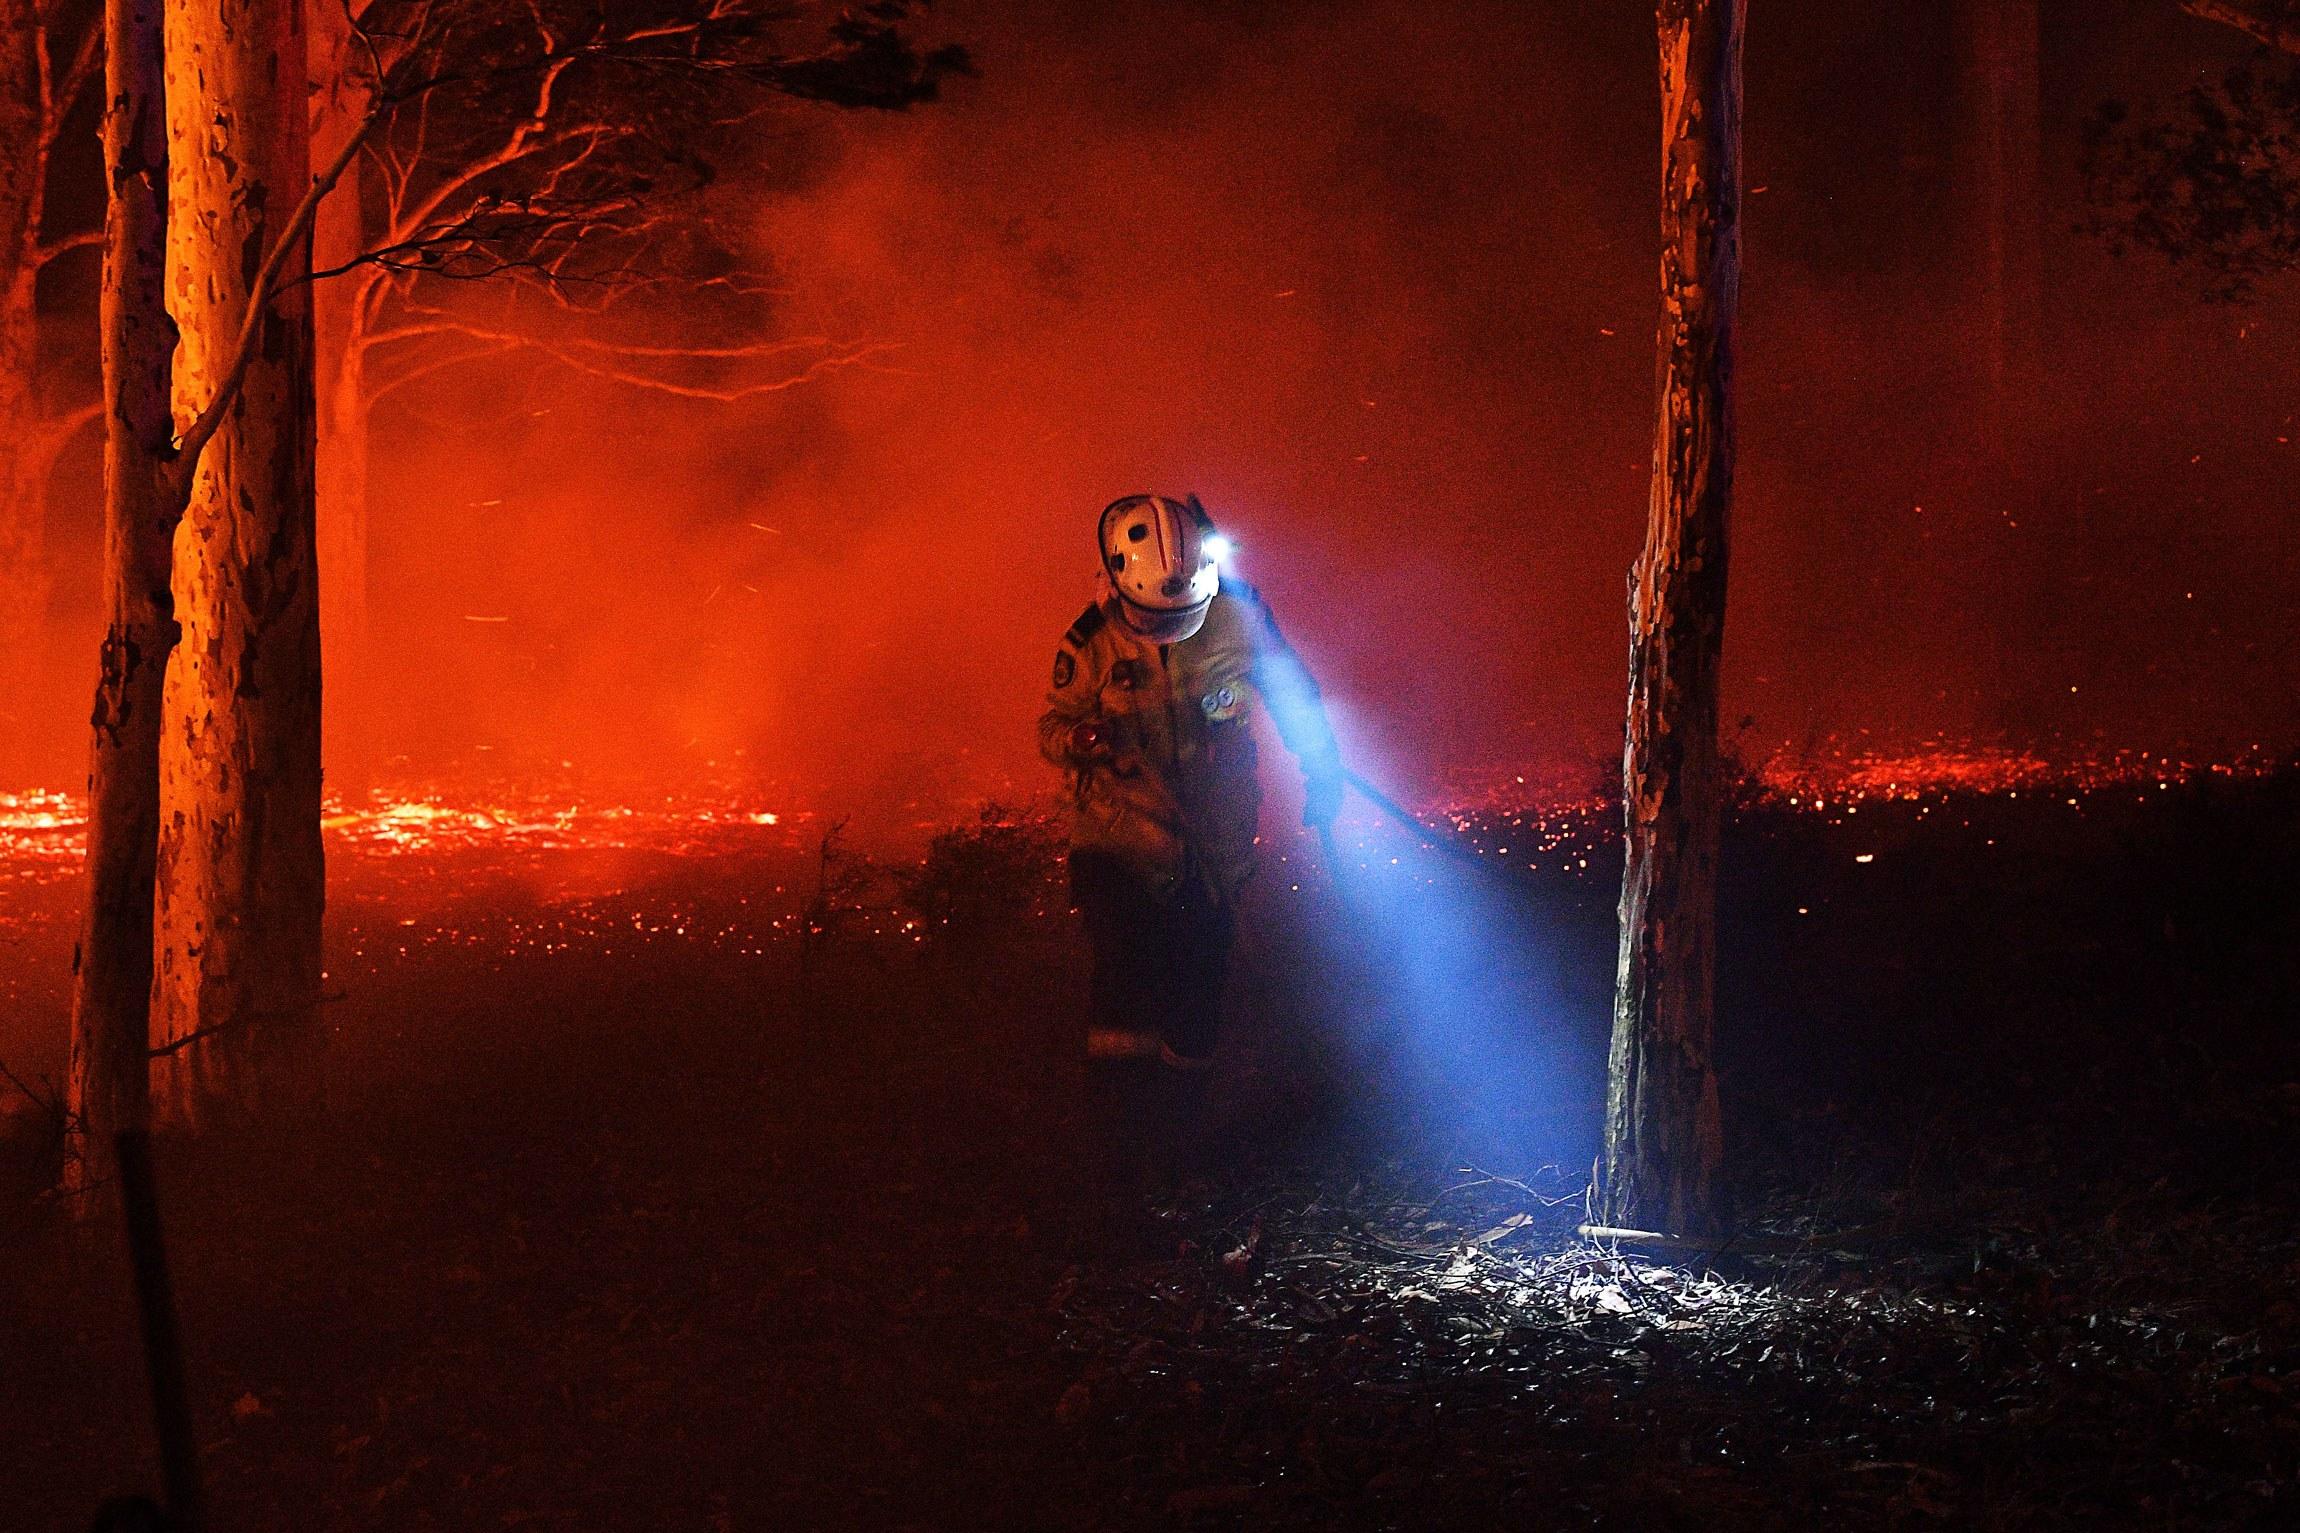 Imaginile dezastrului, Sursa Wired